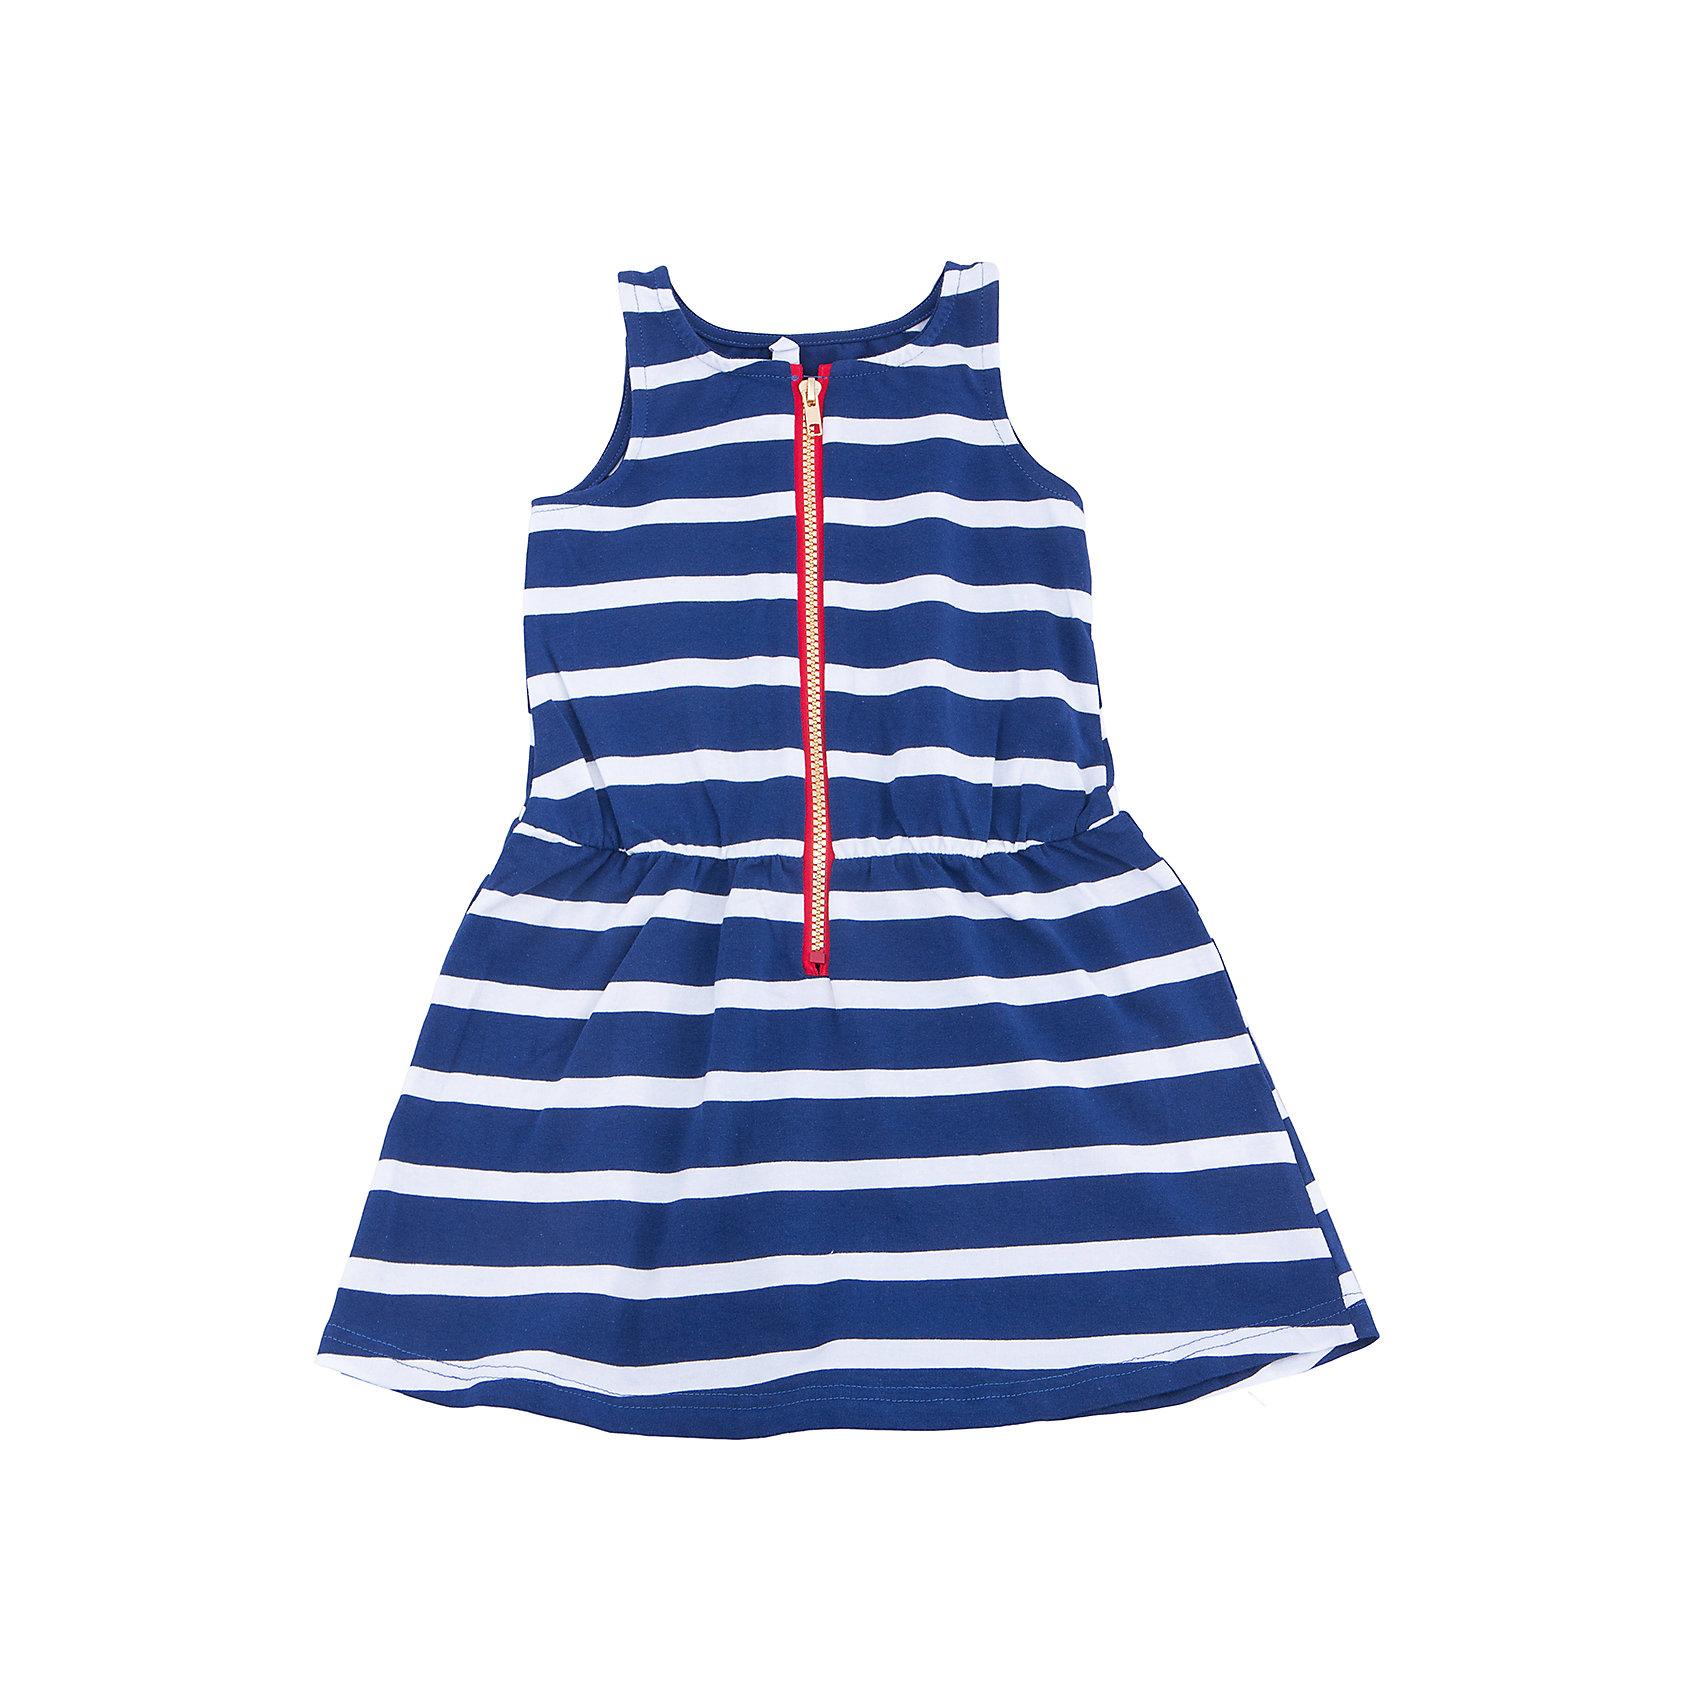 Платье для девочки PlayTodayПлатья и сарафаны<br>Характеристики товара:<br><br>• цвет: разноцветный<br>• состав: 95% хлопок, 5% эластан<br>• молния<br>• дышащий материал<br>• мягкая окантовка<br>• эластичный трикотаж<br>• без рукавов<br>• комфортная посадка<br>• коллекция: весна-лето 2017<br>• страна бренда: Германия<br>• страна производства: Китай<br><br>Популярный бренд PlayToday выпустил новую коллекцию! Вещи из неё продолжают радовать покупателей удобством, стильным дизайном и продуманным кроем. Дети носят их с удовольствием. <br>Такая стильная модель обеспечит ребенку комфорт благодаря качественному материалу и продуманному крою. В составе ткани - натуральный хлопок, который позволяет коже дышать и не вызывает аллергии. Такие вещи очень просты в уходе.<br>PlayToday - это линейка товаров, созданная специально для детей. Дизайнеры учитывают новые веяния моды и потребности детей. Порадуйте ребенка обновкой от проверенного производителя!<br><br>Платье для девочки от известного бренда PlayToday можно купить в нашем интернет-магазине.<br><br>Ширина мм: 236<br>Глубина мм: 16<br>Высота мм: 184<br>Вес г: 177<br>Цвет: белый<br>Возраст от месяцев: 72<br>Возраст до месяцев: 84<br>Пол: Женский<br>Возраст: Детский<br>Размер: 122,104,128,110,116,98<br>SKU: 5604073